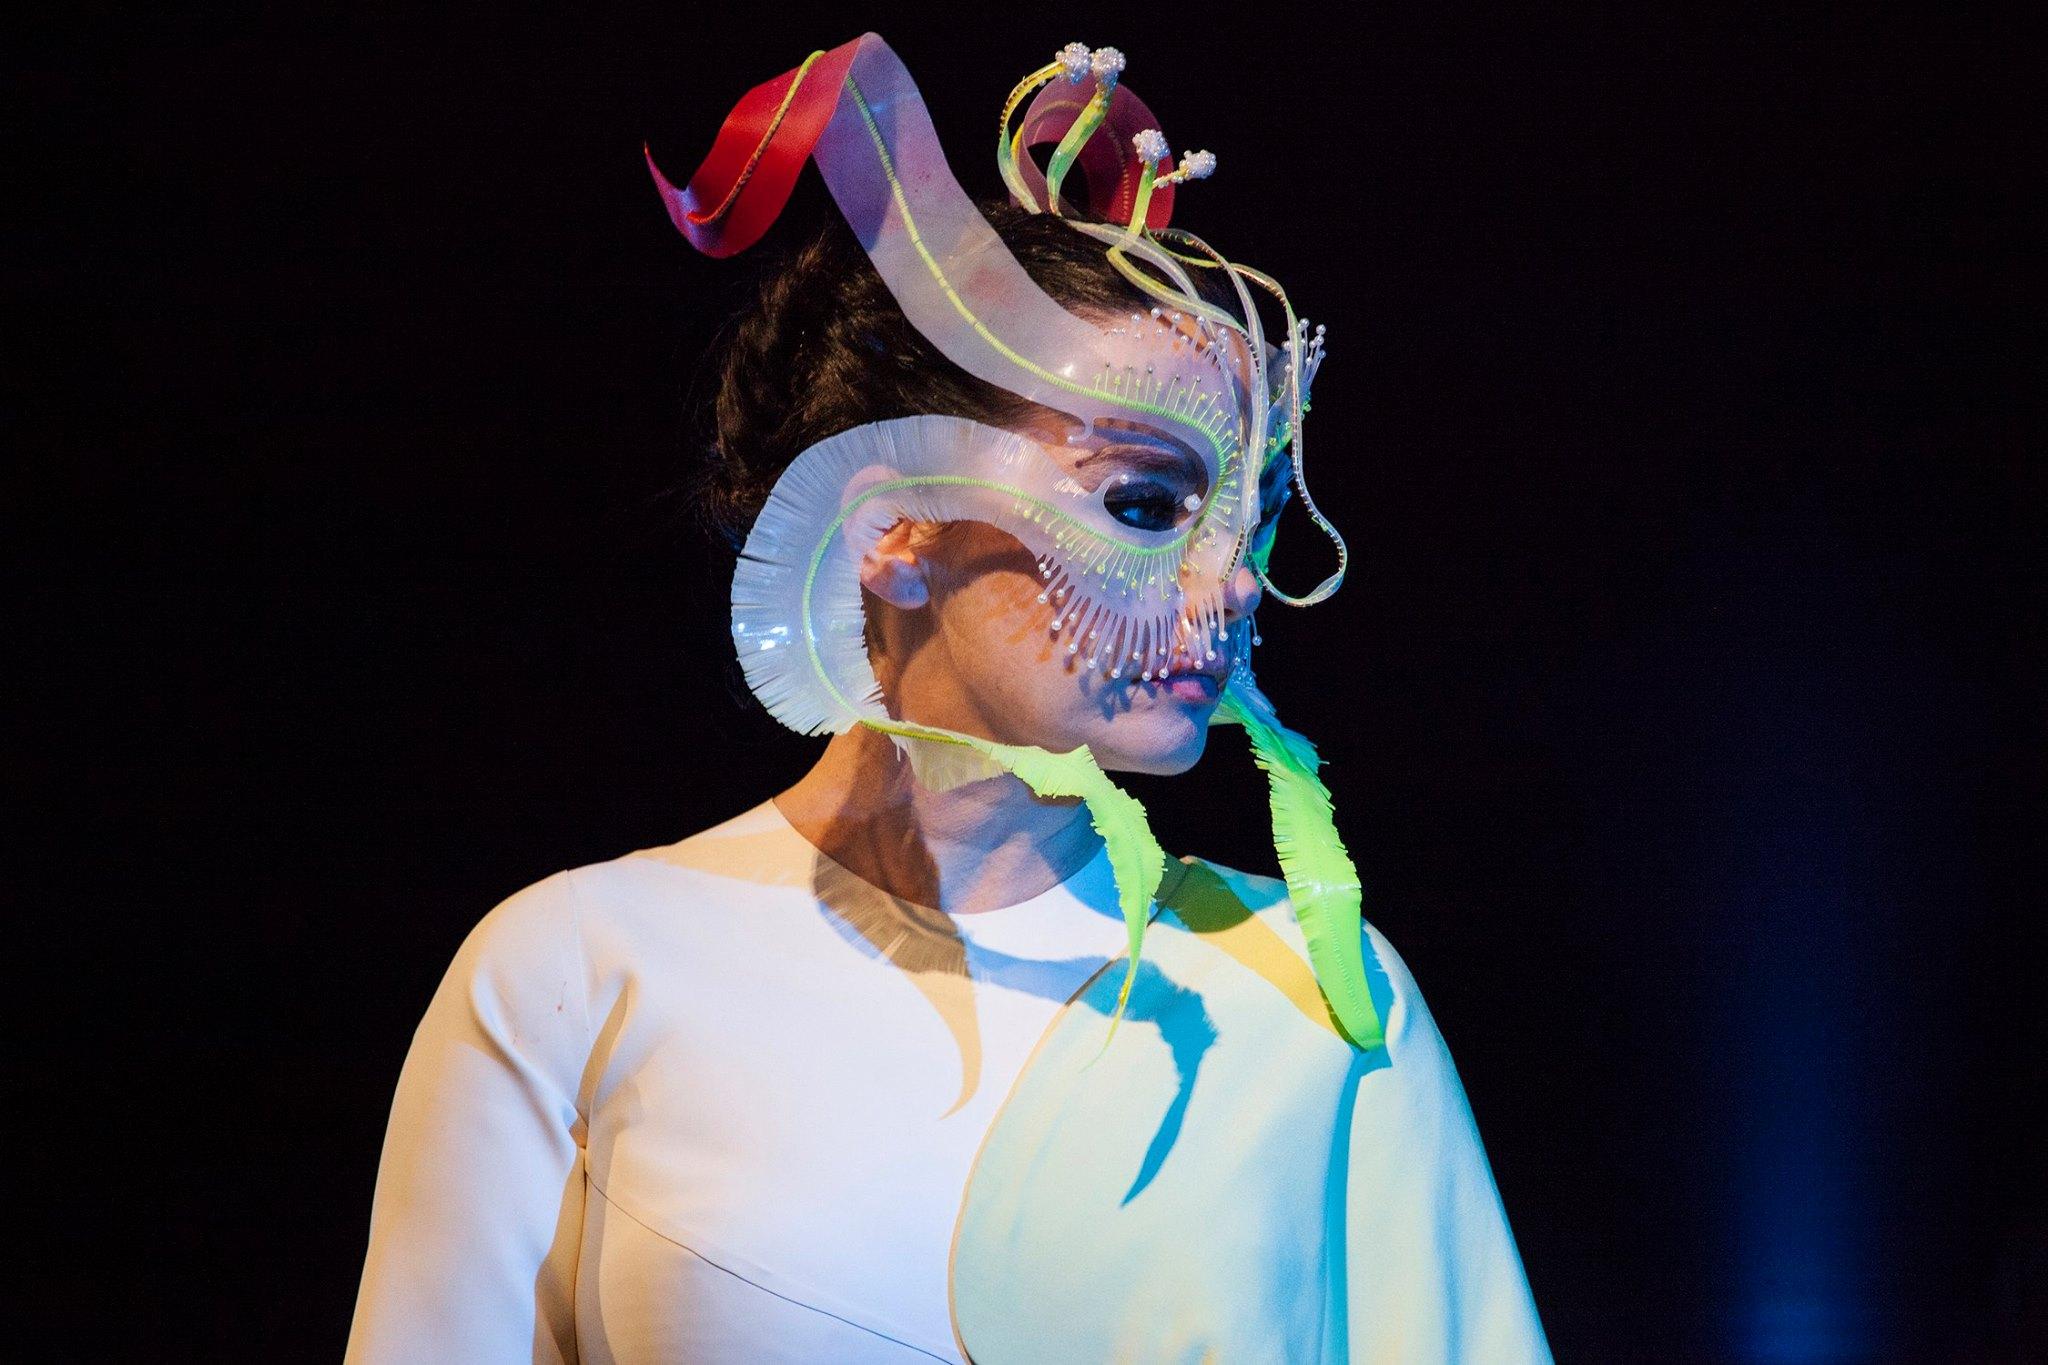 Το έργο του James Merry είναι μοναδικό στις παρουσιάσεις του Björk